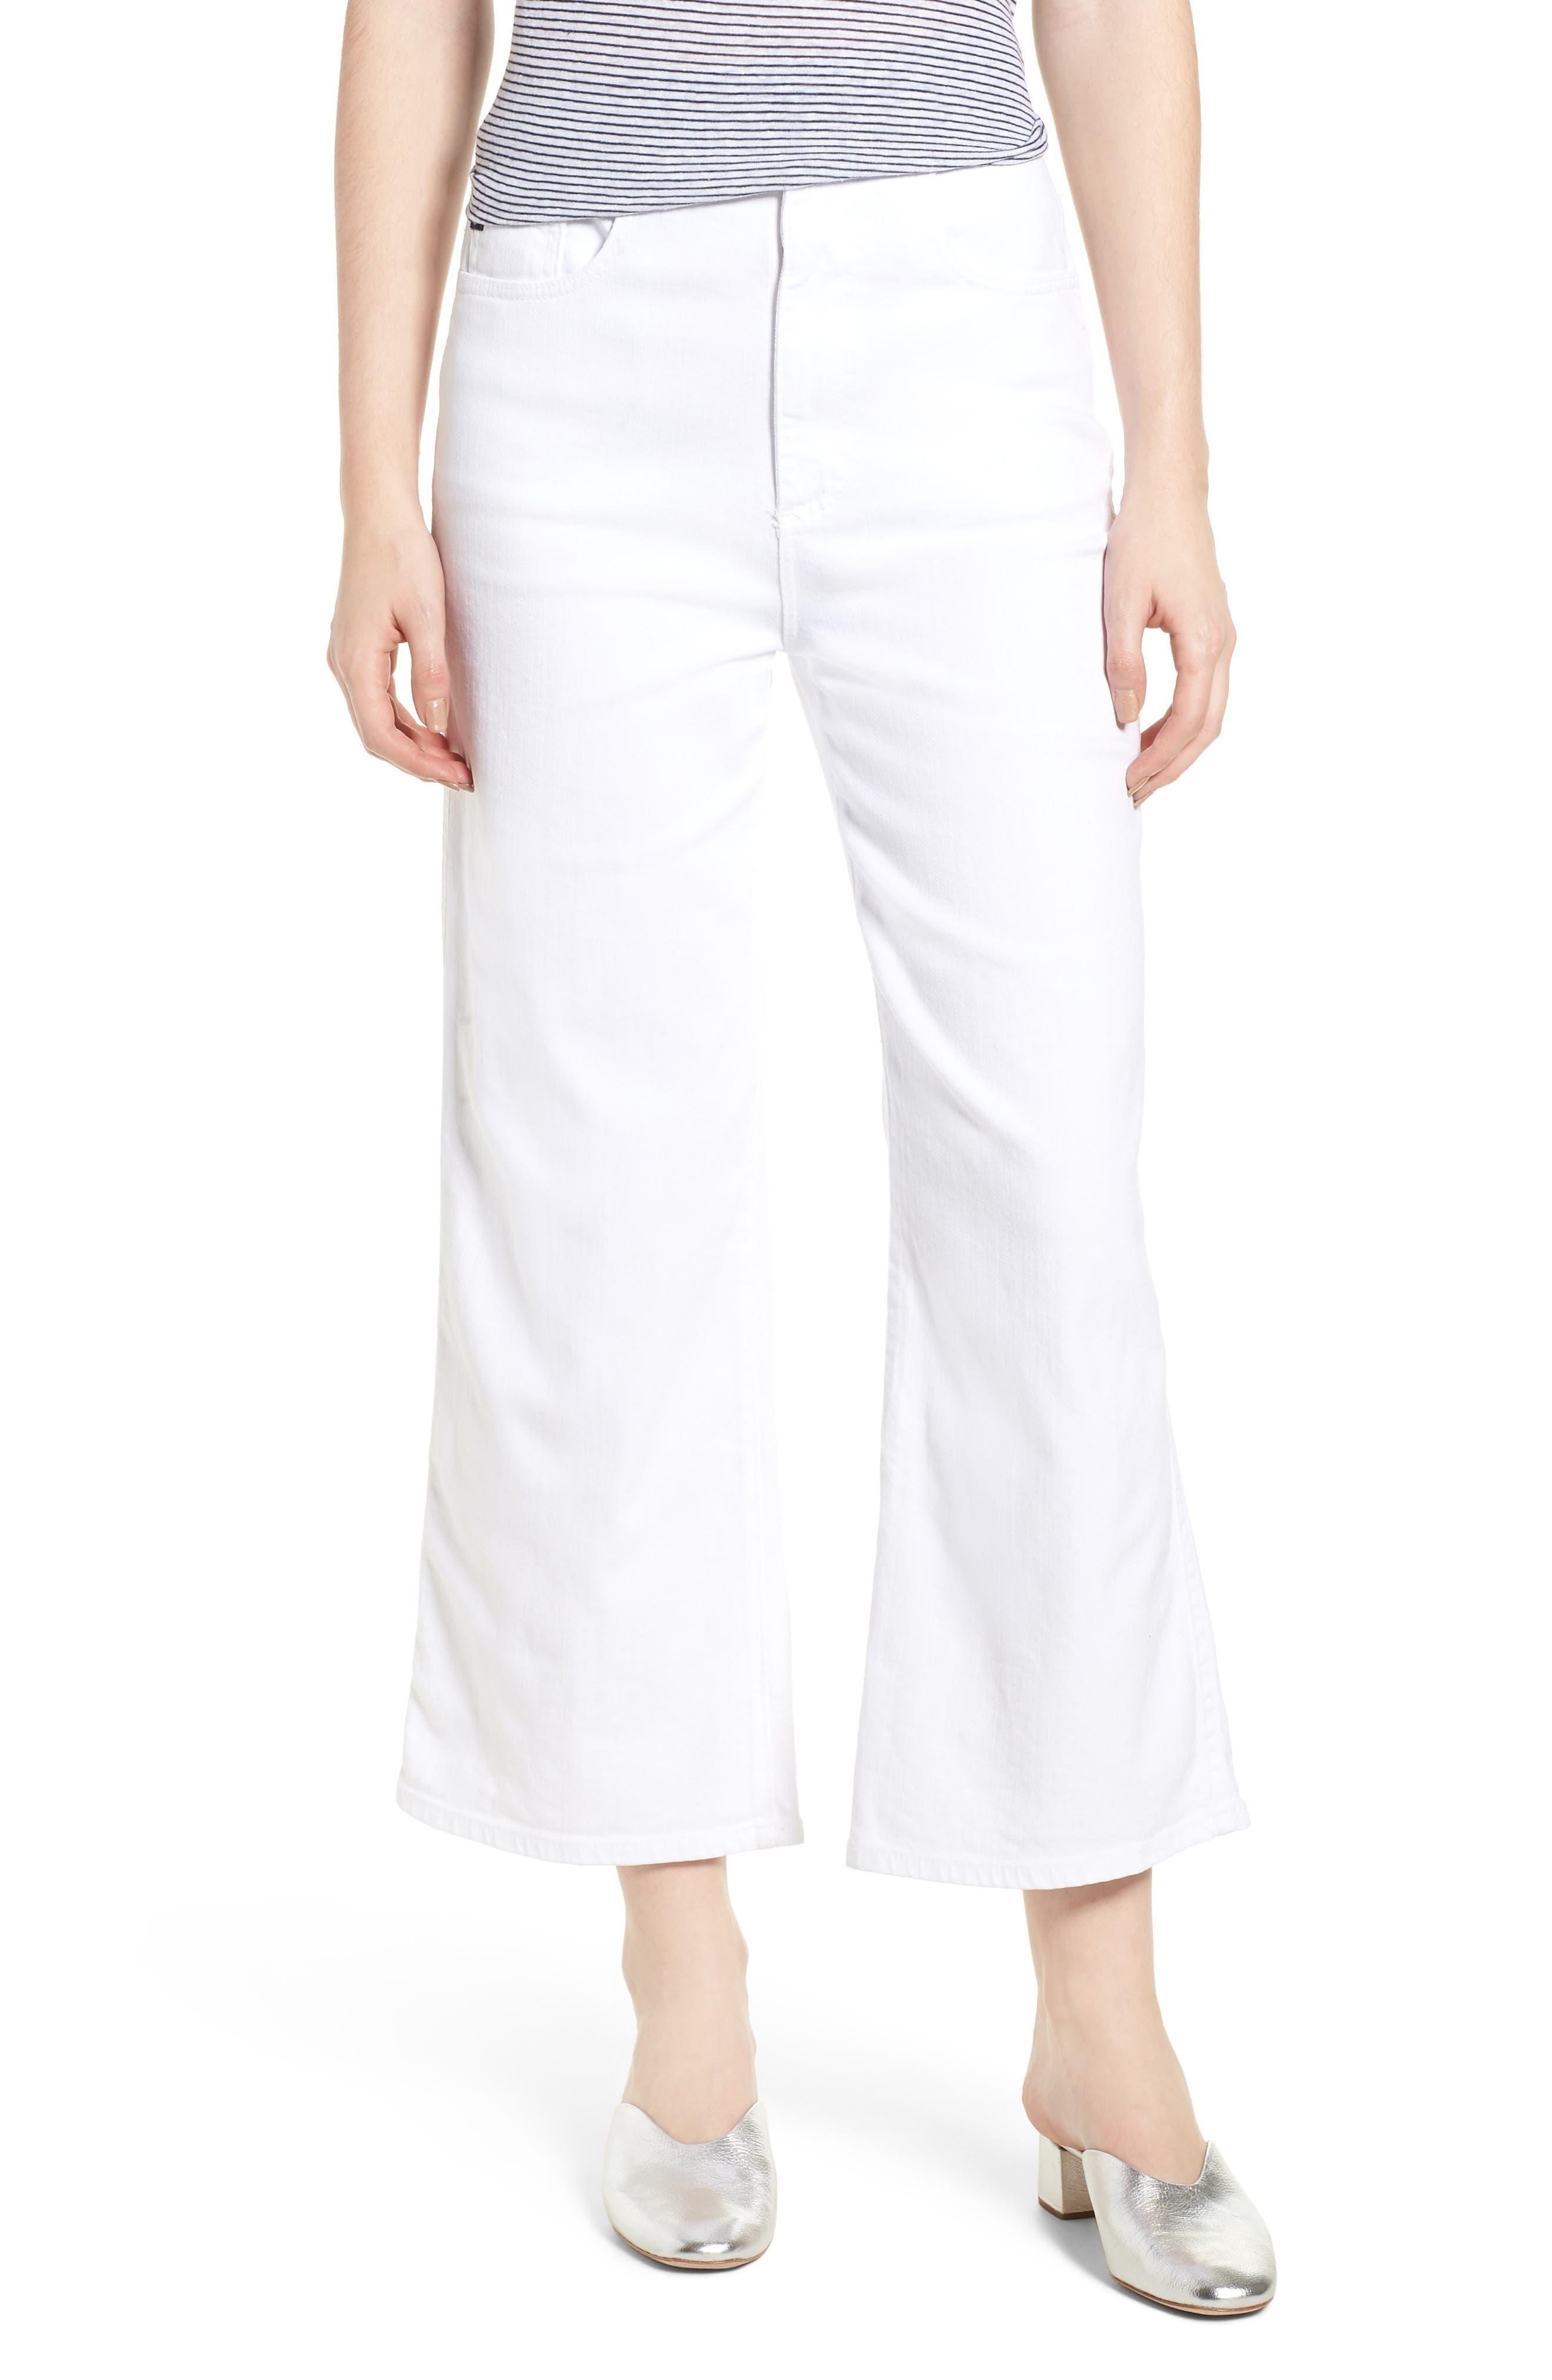 Etta High Waist Crop Wide Leg Jeans,                             Main thumbnail 1, color,                             White